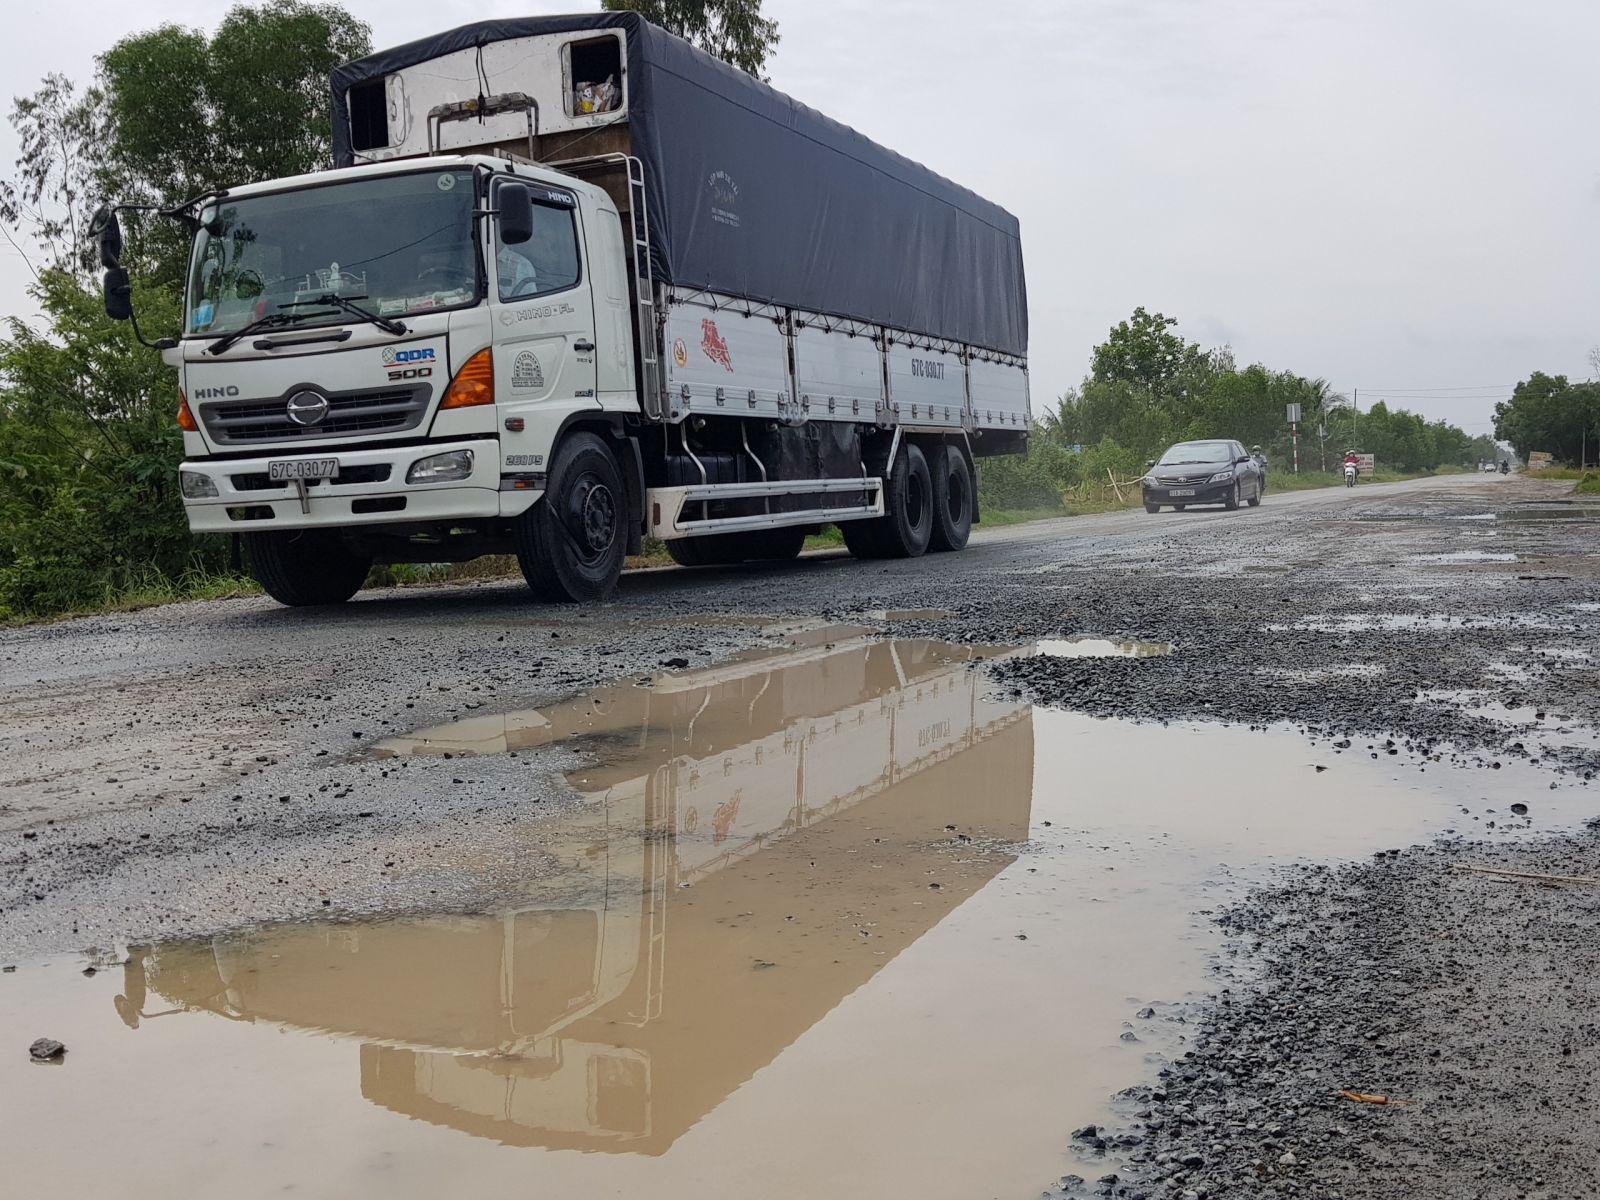 Quốc lộ 62 thường xuyên xuống cấp, đọng nước gây nguy hiểm cho các phương tiện. Ảnh: Kiên Định